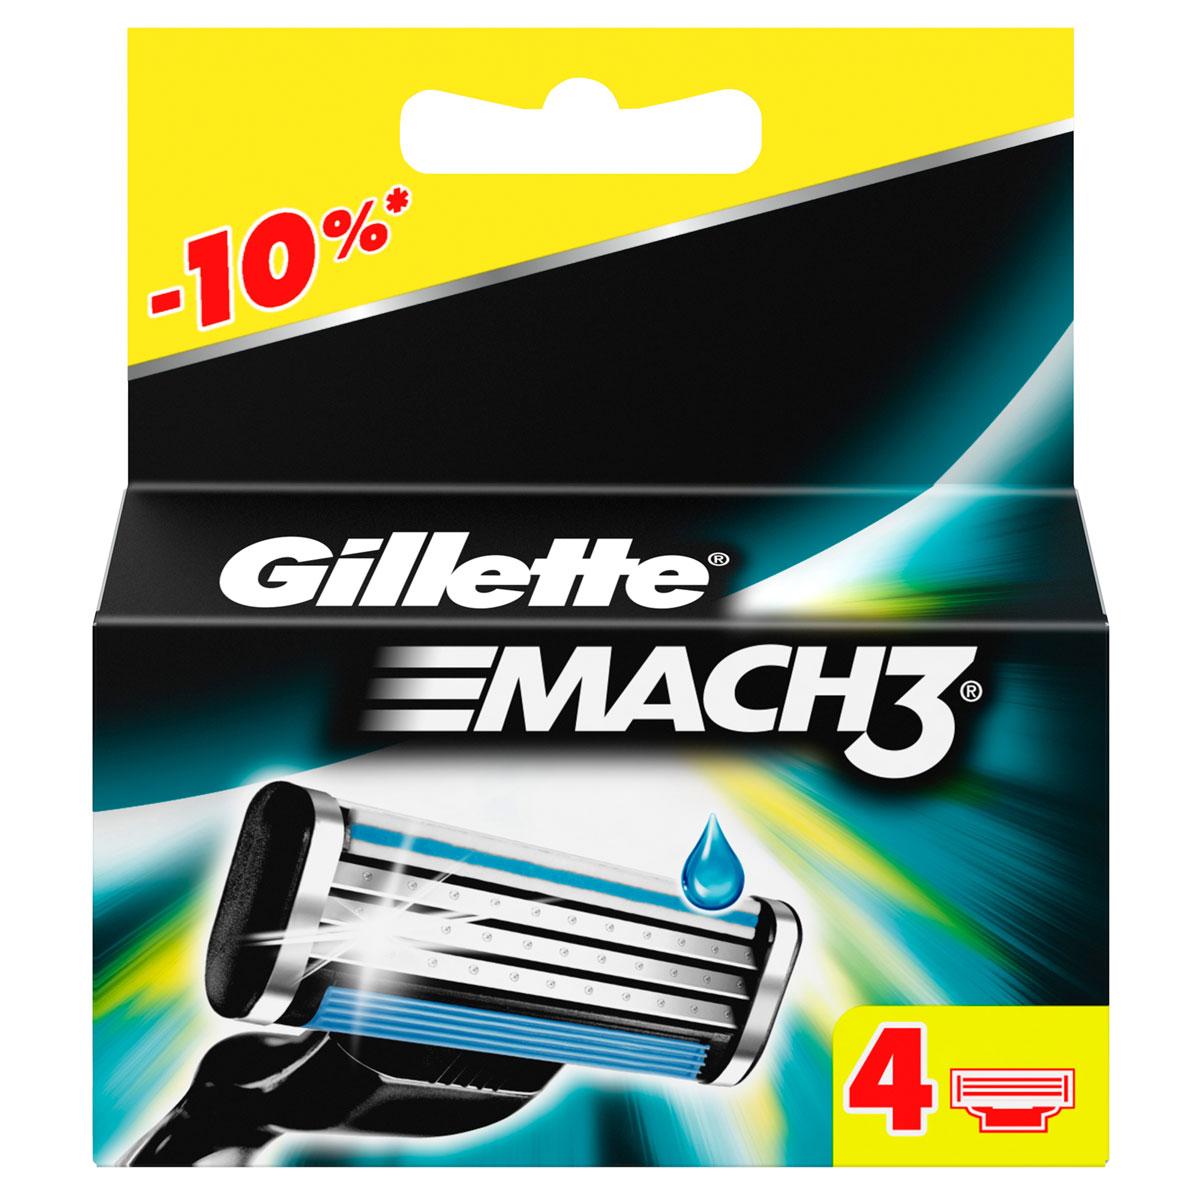 Сменные кассеты для бритья Gillette Mach 3, 4 шт.MAG-13284667Даже 10-ое бритье Mach3 комфортнее 1-го одноразовой бритвой. Почувствуйте исключительную эффективность Mach3! Это бритва включает в себя гелевую полоску, которая способствует скольжению и защищает кожу от покраснения, также полоска исчезает, когда кассету пора менять. Плавающая головка обеспечивает тесный контакт лезвий с кожей, удобная ручка адаптируется к контурам лица для более легкого и комфортного бритья (по сравнению с одноразовыми бритвенными станками Blueell Plus). Даже после десятого использования бритвы ощущения более приятные, чем от одноразовых станков (по сравнению с одноразовыми станками для бритья Bluell Plus). По сравнению с Gillette BlueII Plus Срок хранения – 5 лет. Страна производства – Польша. Характеристики: Комплектация: 4 сменные кассеты. Товар сертифицирован. Состав смазывающей полоски: PEG-115M, PEG-7M, PEG-100, BHT, TOCOPHERYL ACETATE.